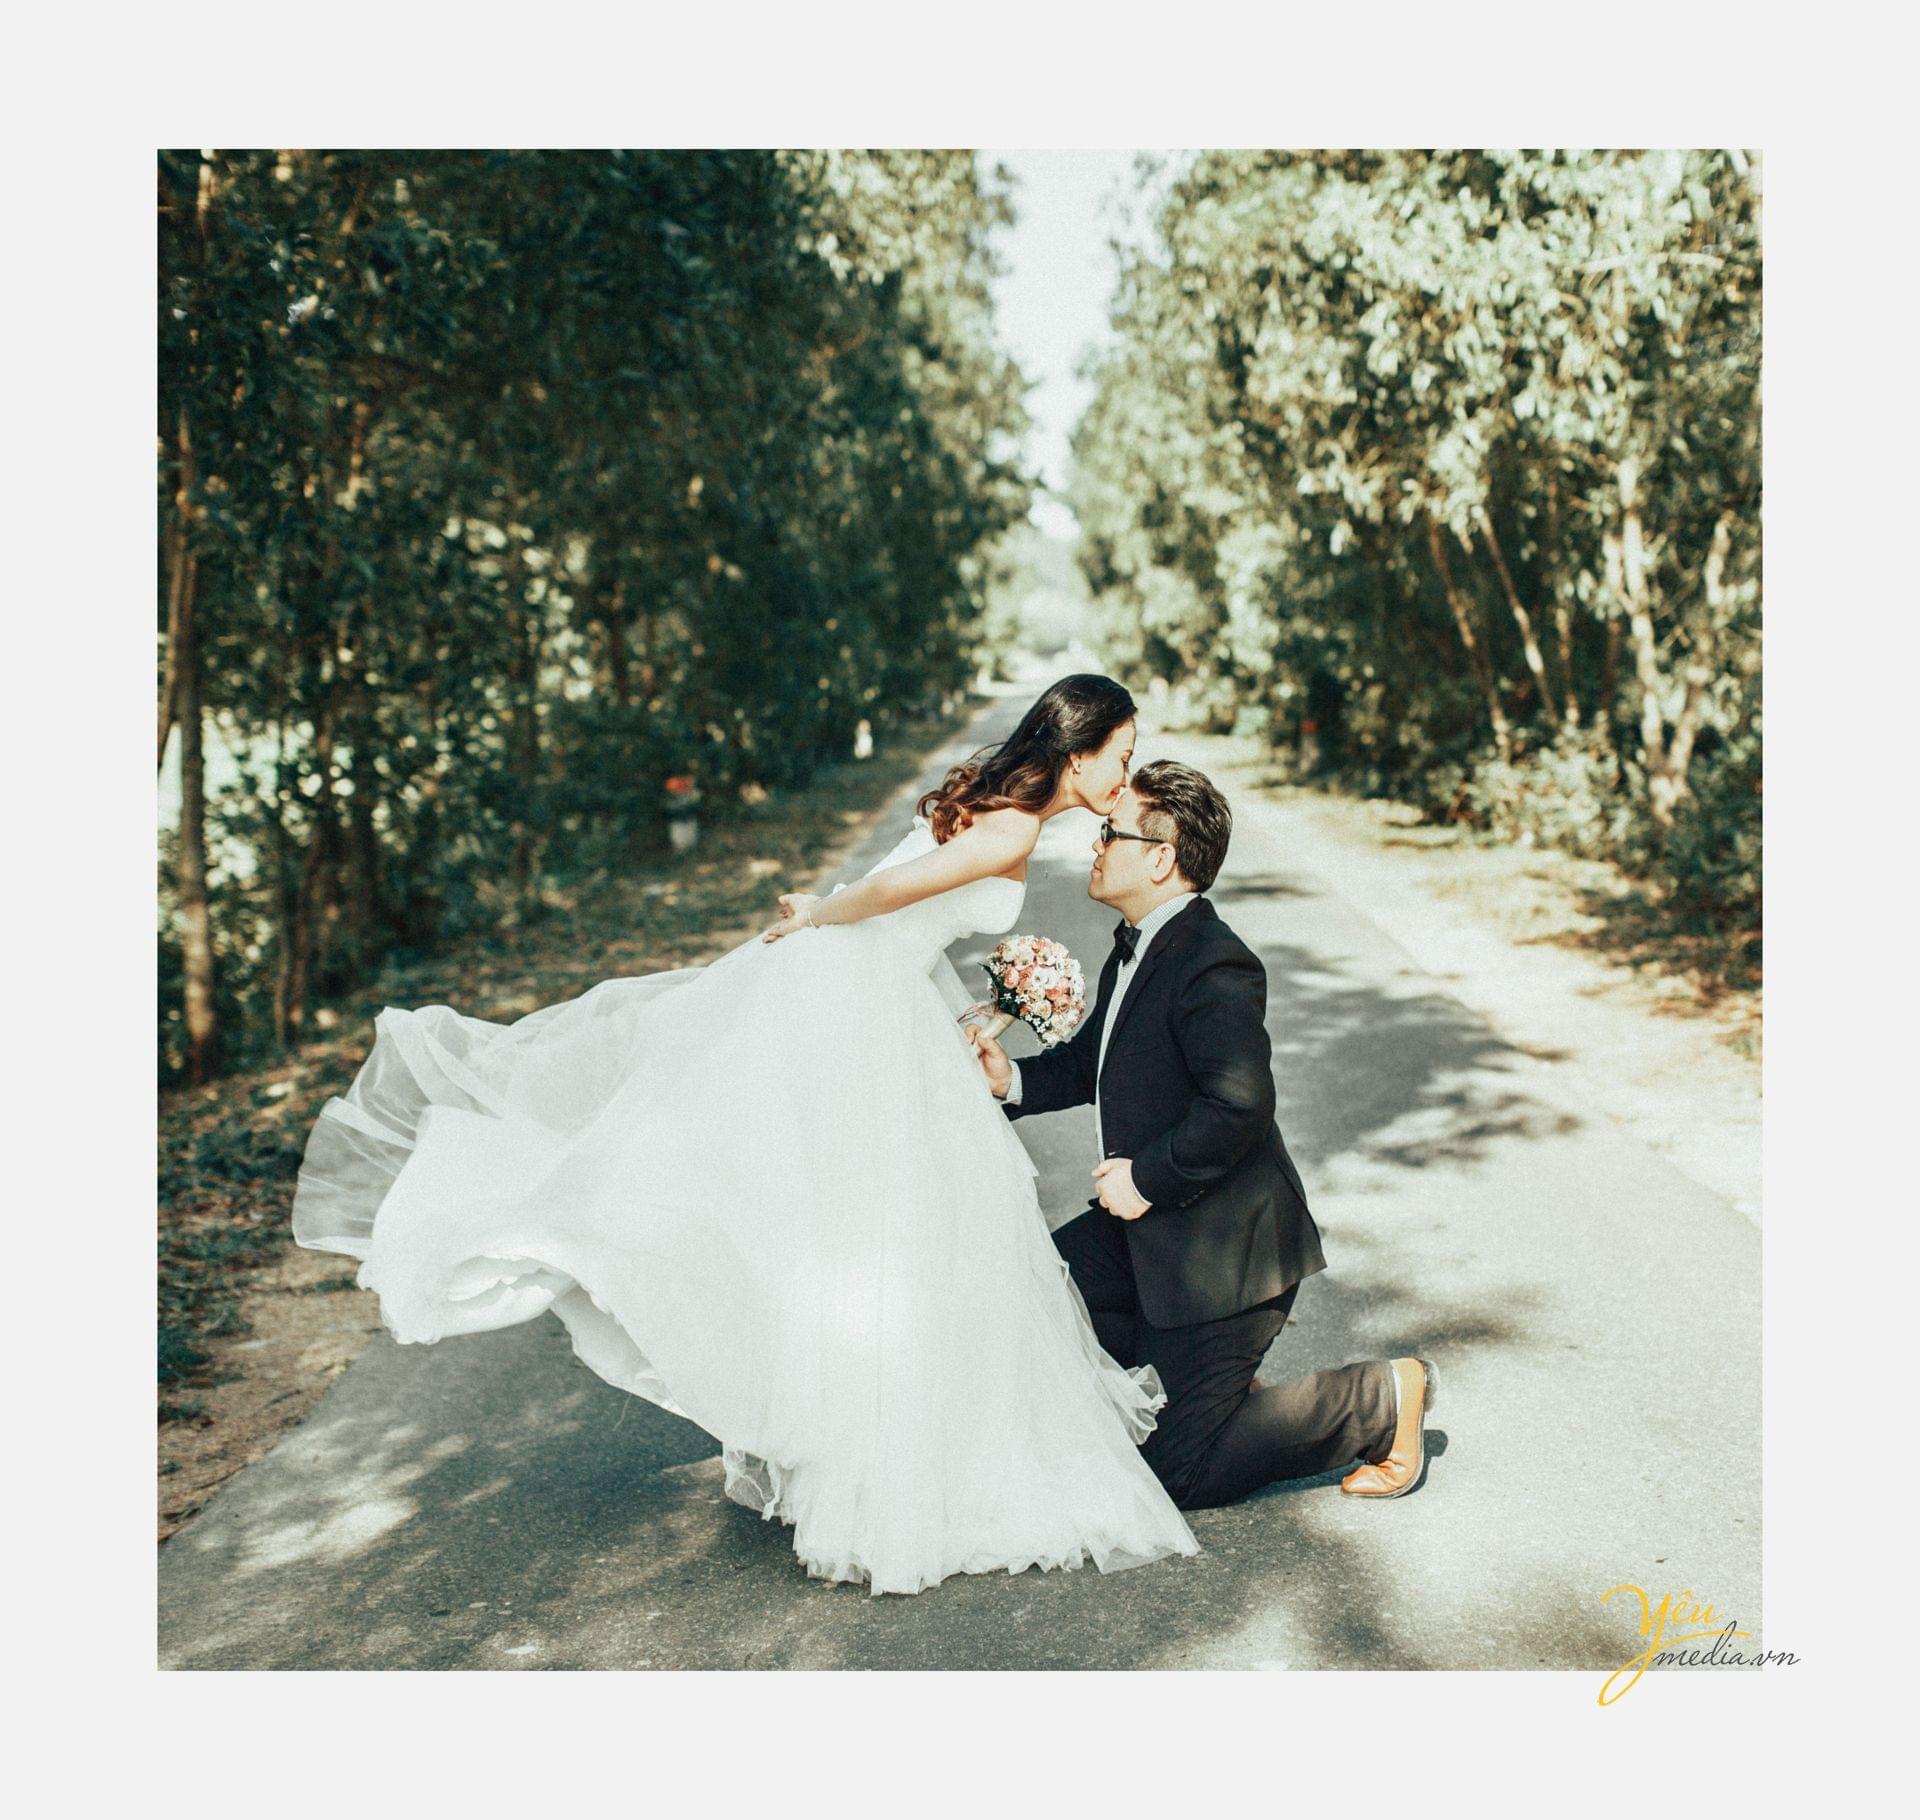 chú rể quỳ dưới chân cô dâu cô dâu hôn trán chú rể